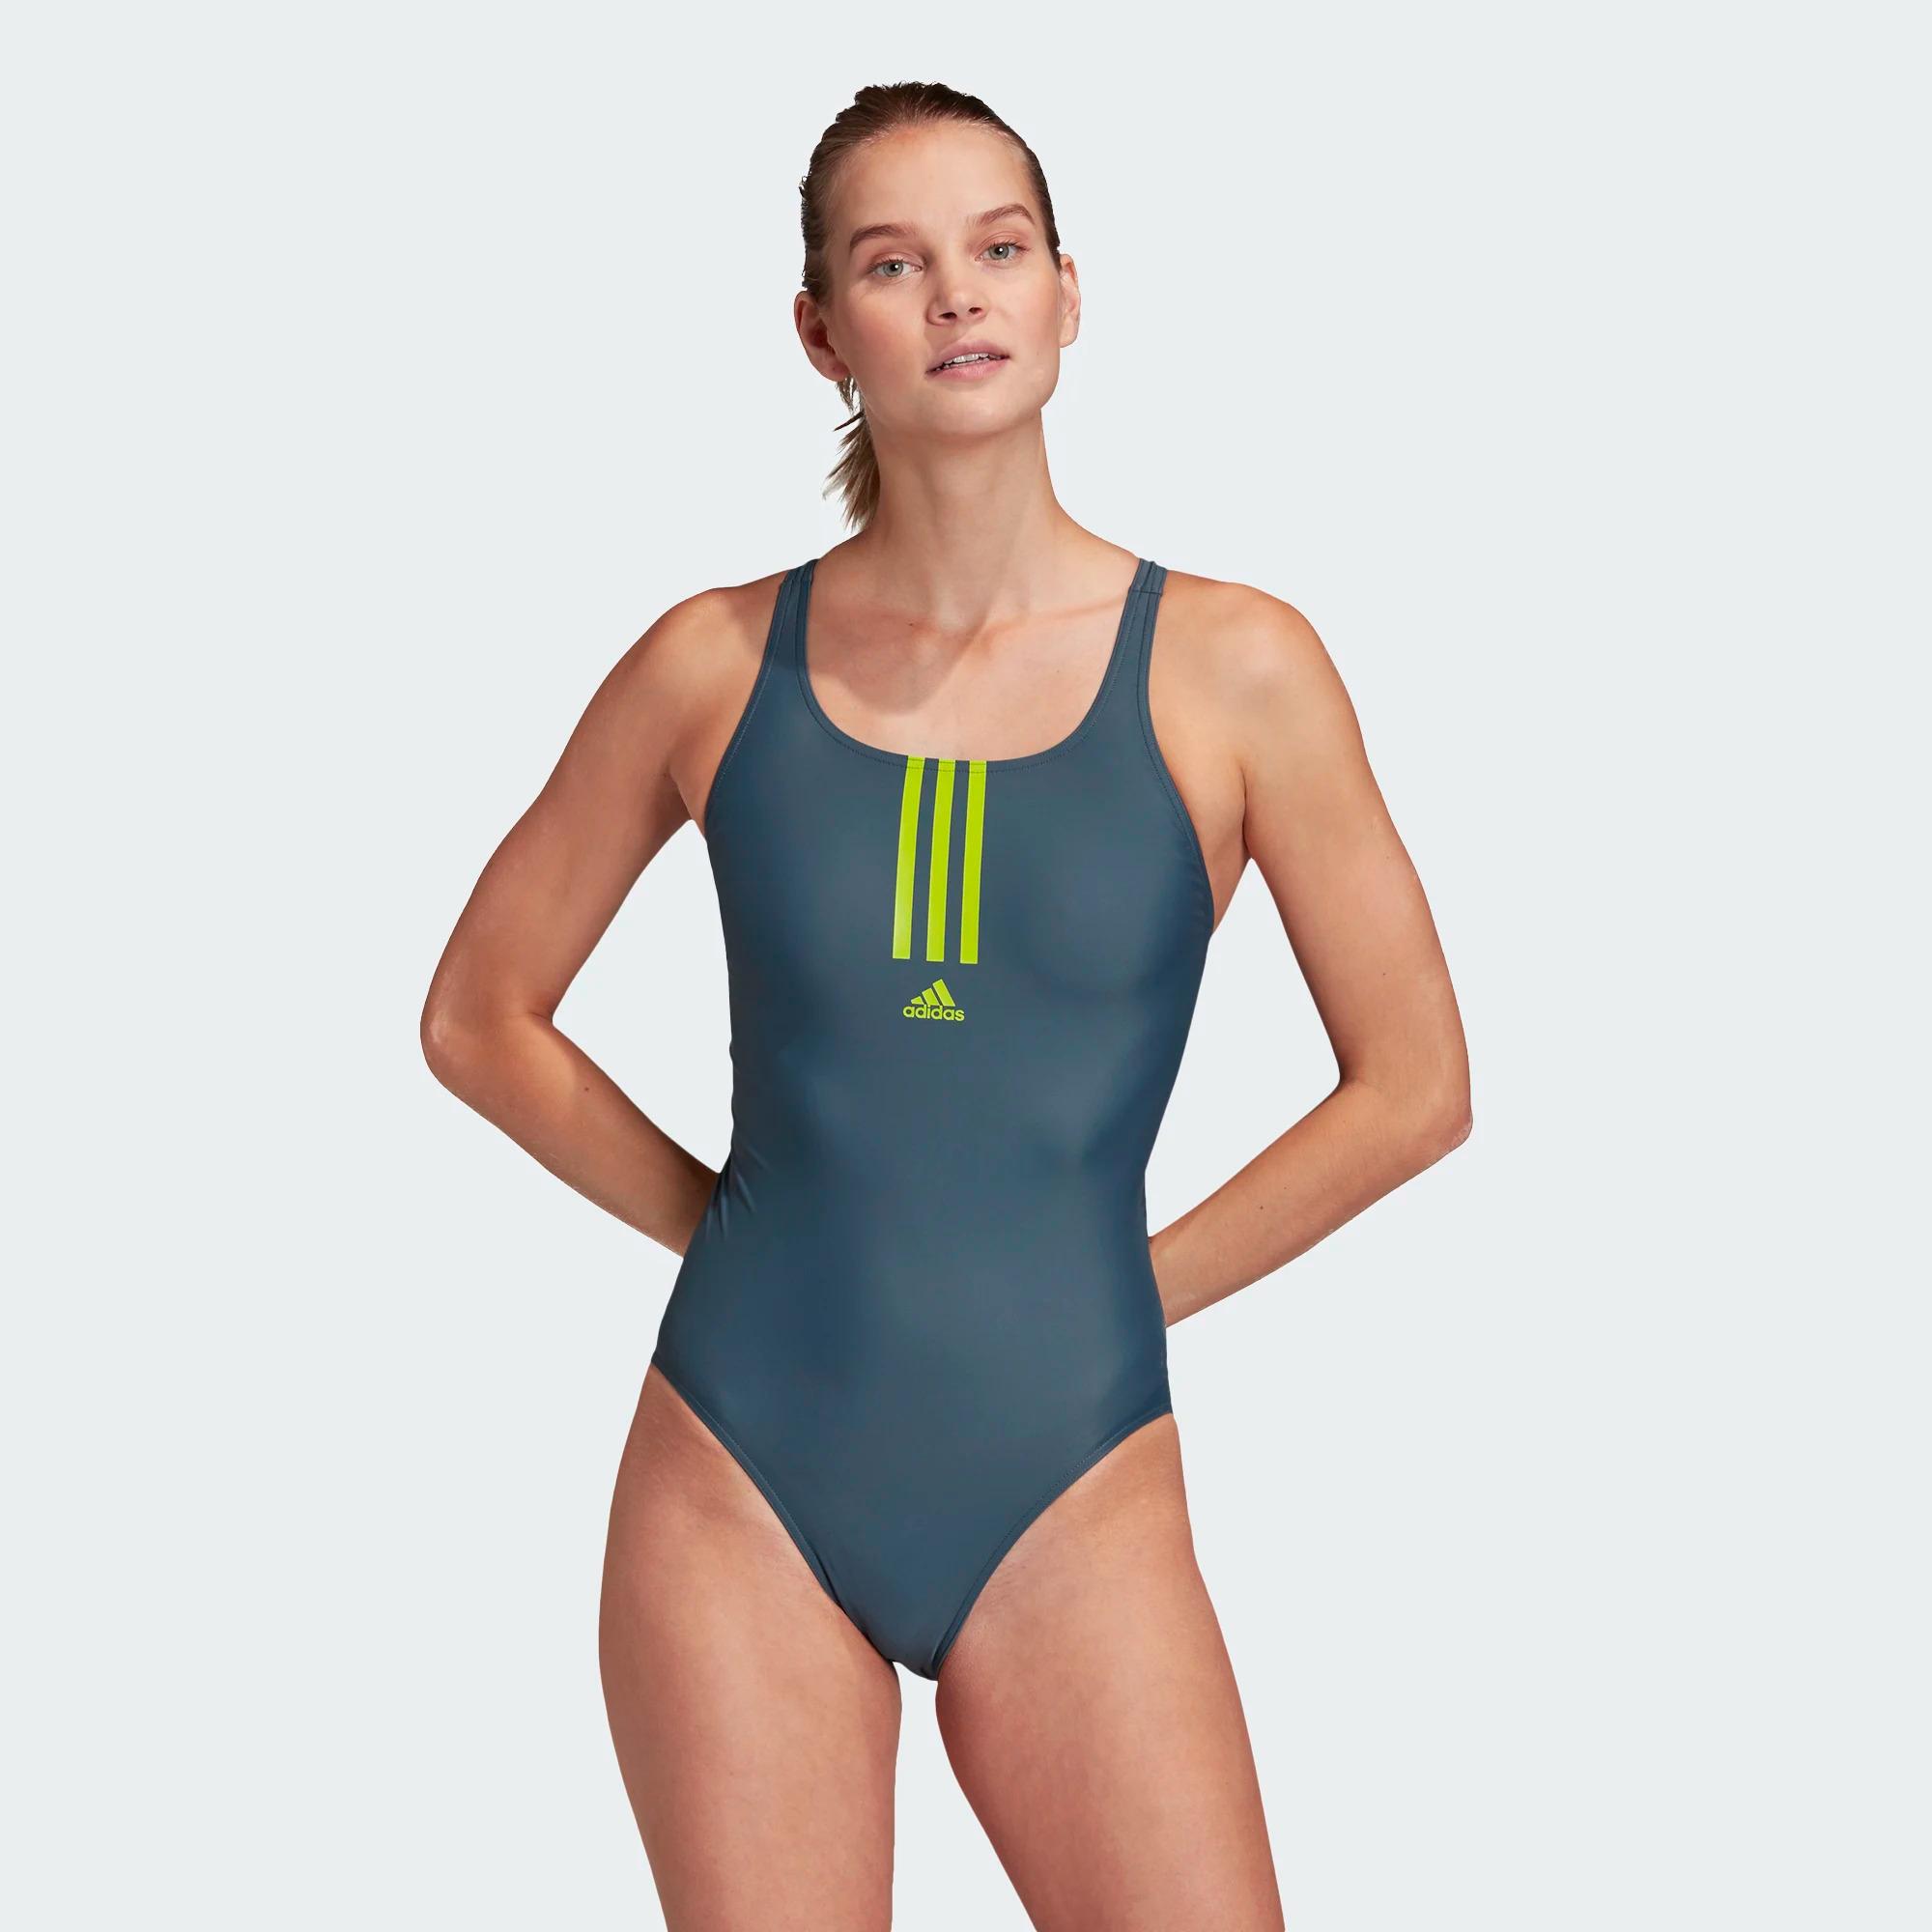 Adidas SH3.RO Mid 3-Streifen Badeanzug